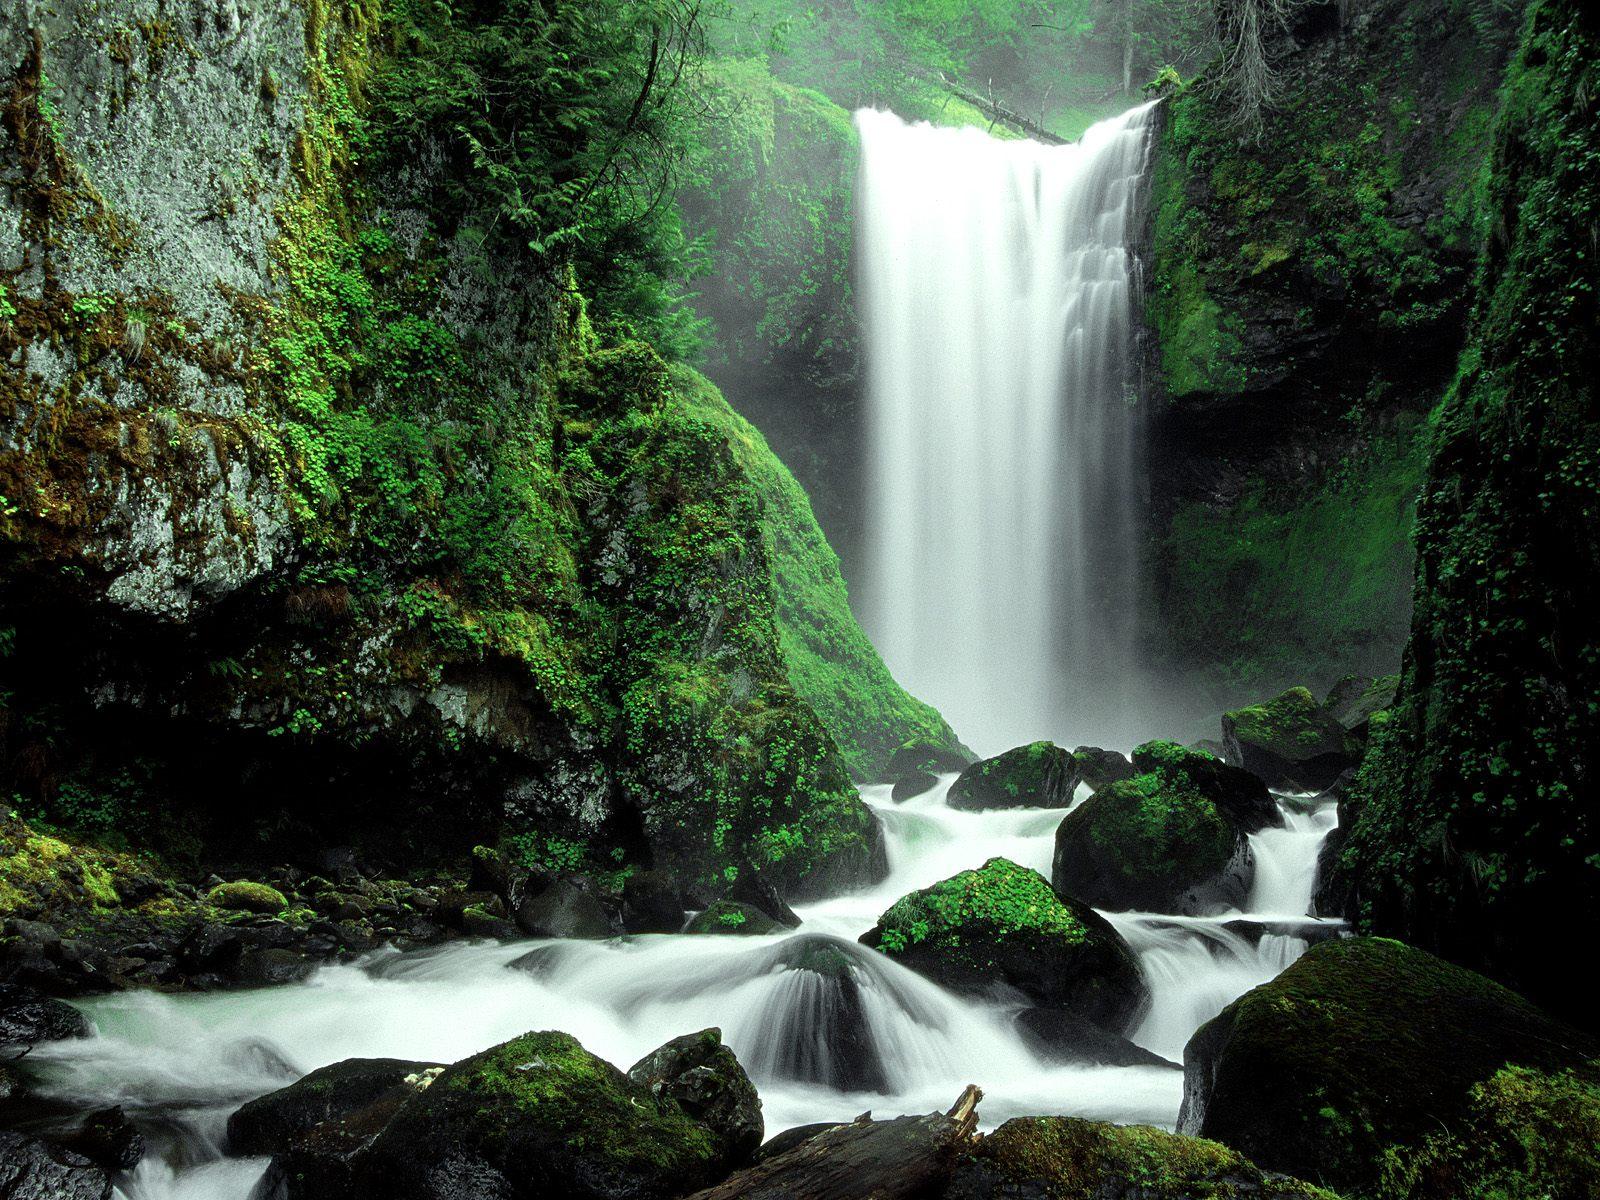 76 Gambar Pemandangan Air Terjun Hd Paling Bagus